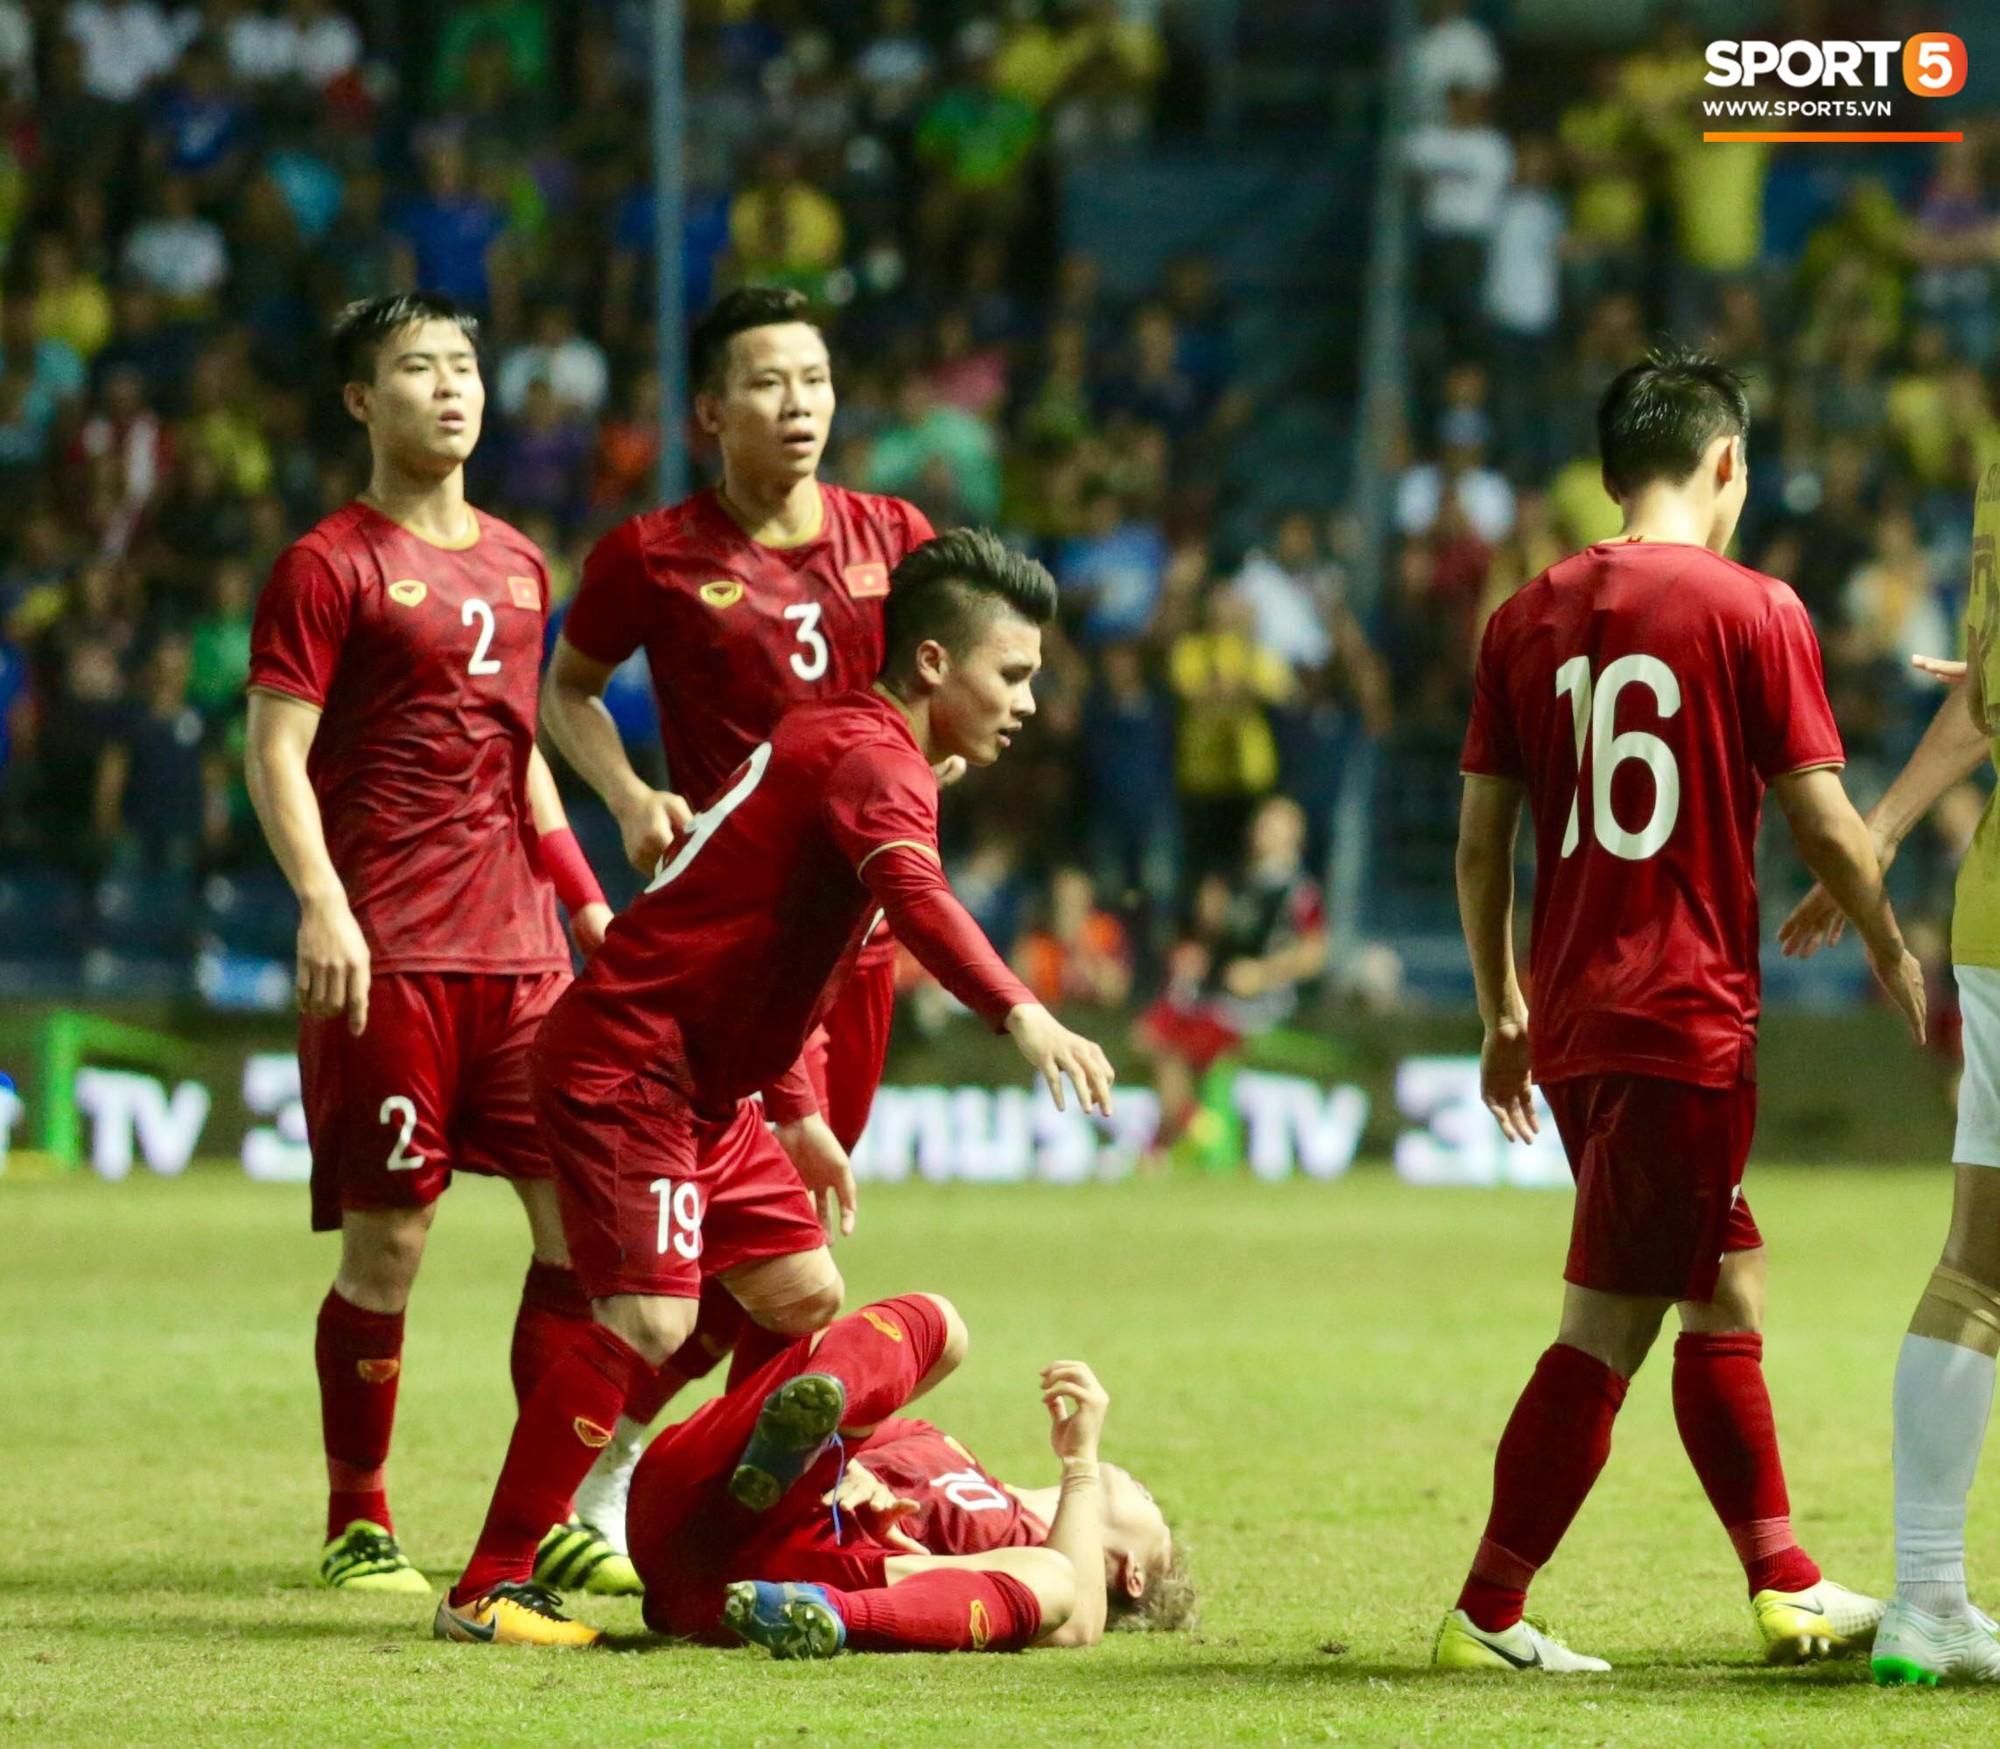 Công Phượng bị cầu thủ Thái Lan sút vào chỗ hiểm - Ảnh 8.